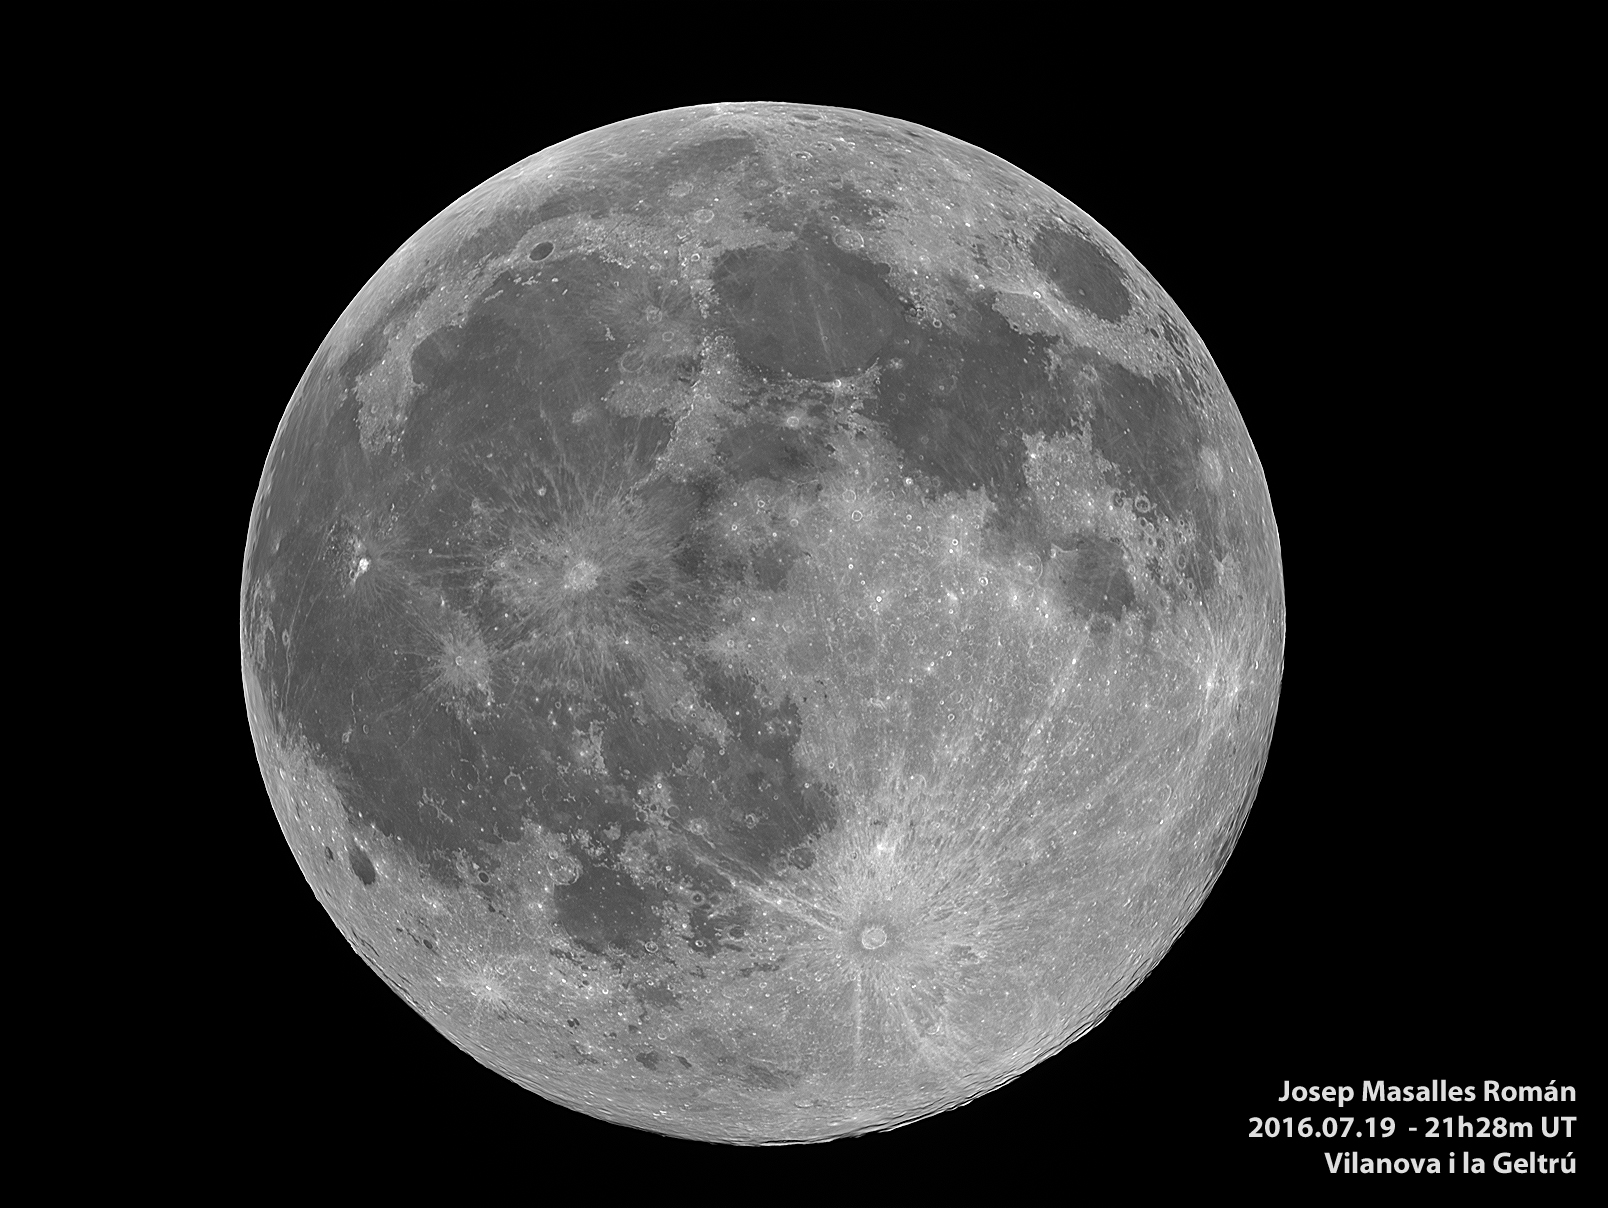 20160719-LlunaPlena-23h28mUT-JMR1